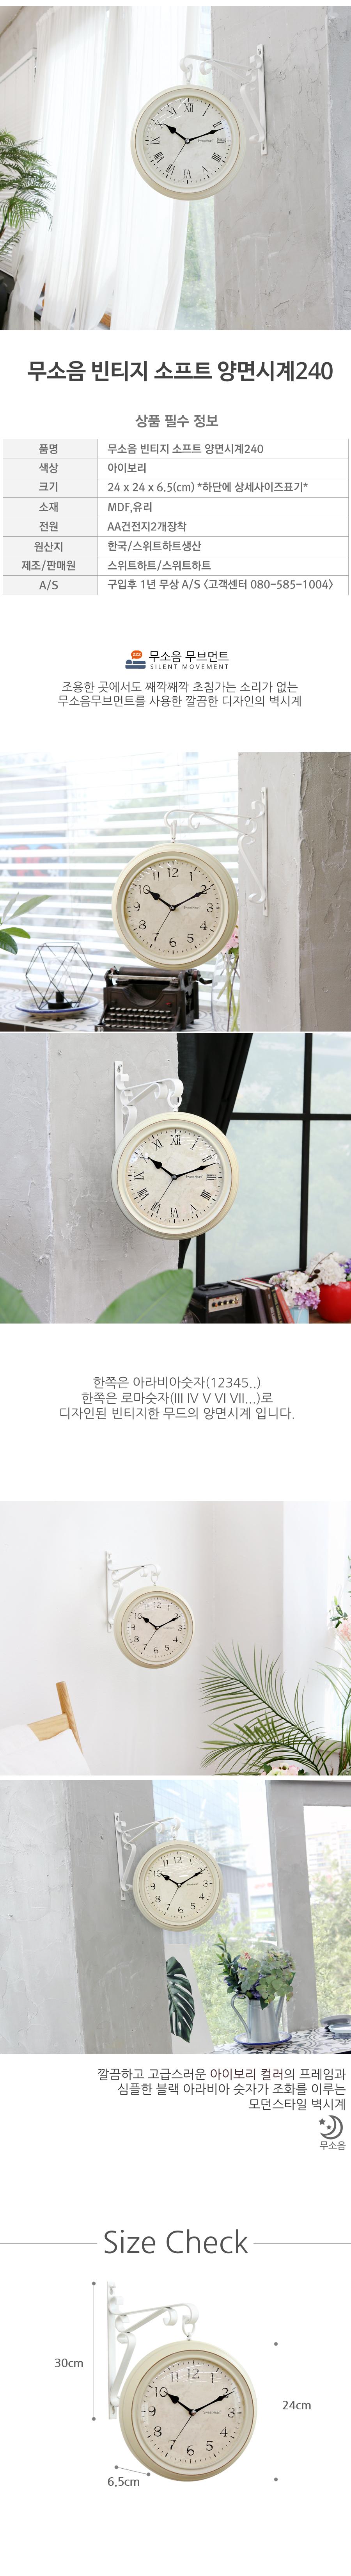 무소음빈티지소프트양면시계240 - 스위트하트, 65,000원, 양면시계, 모던